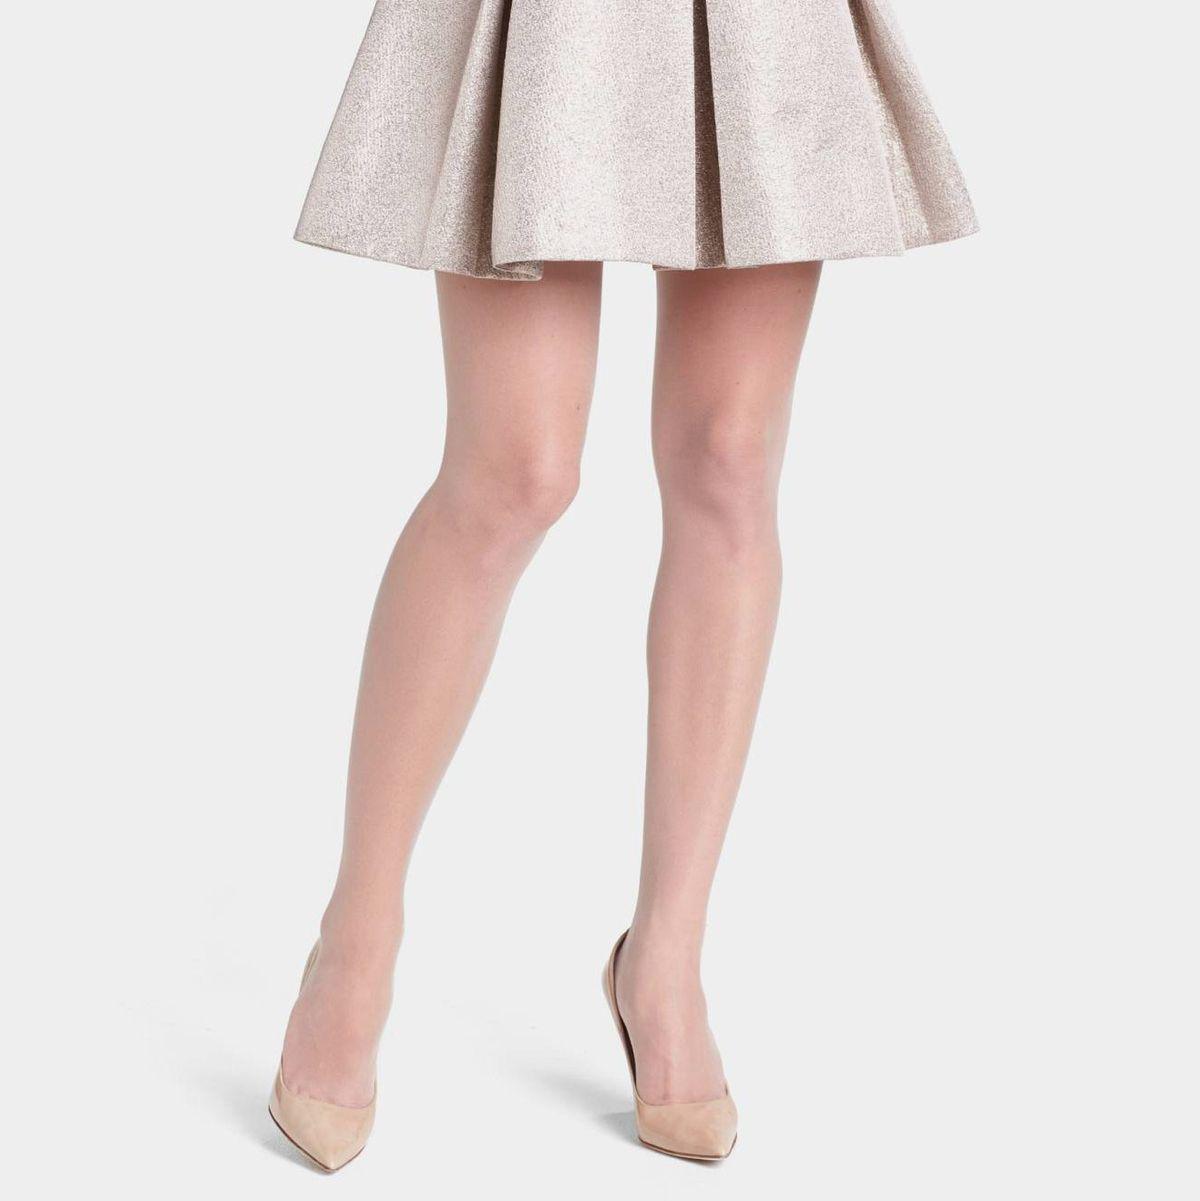 5 Pairs  Beautiful White Sheer Medium Size 15 Denier Stockings